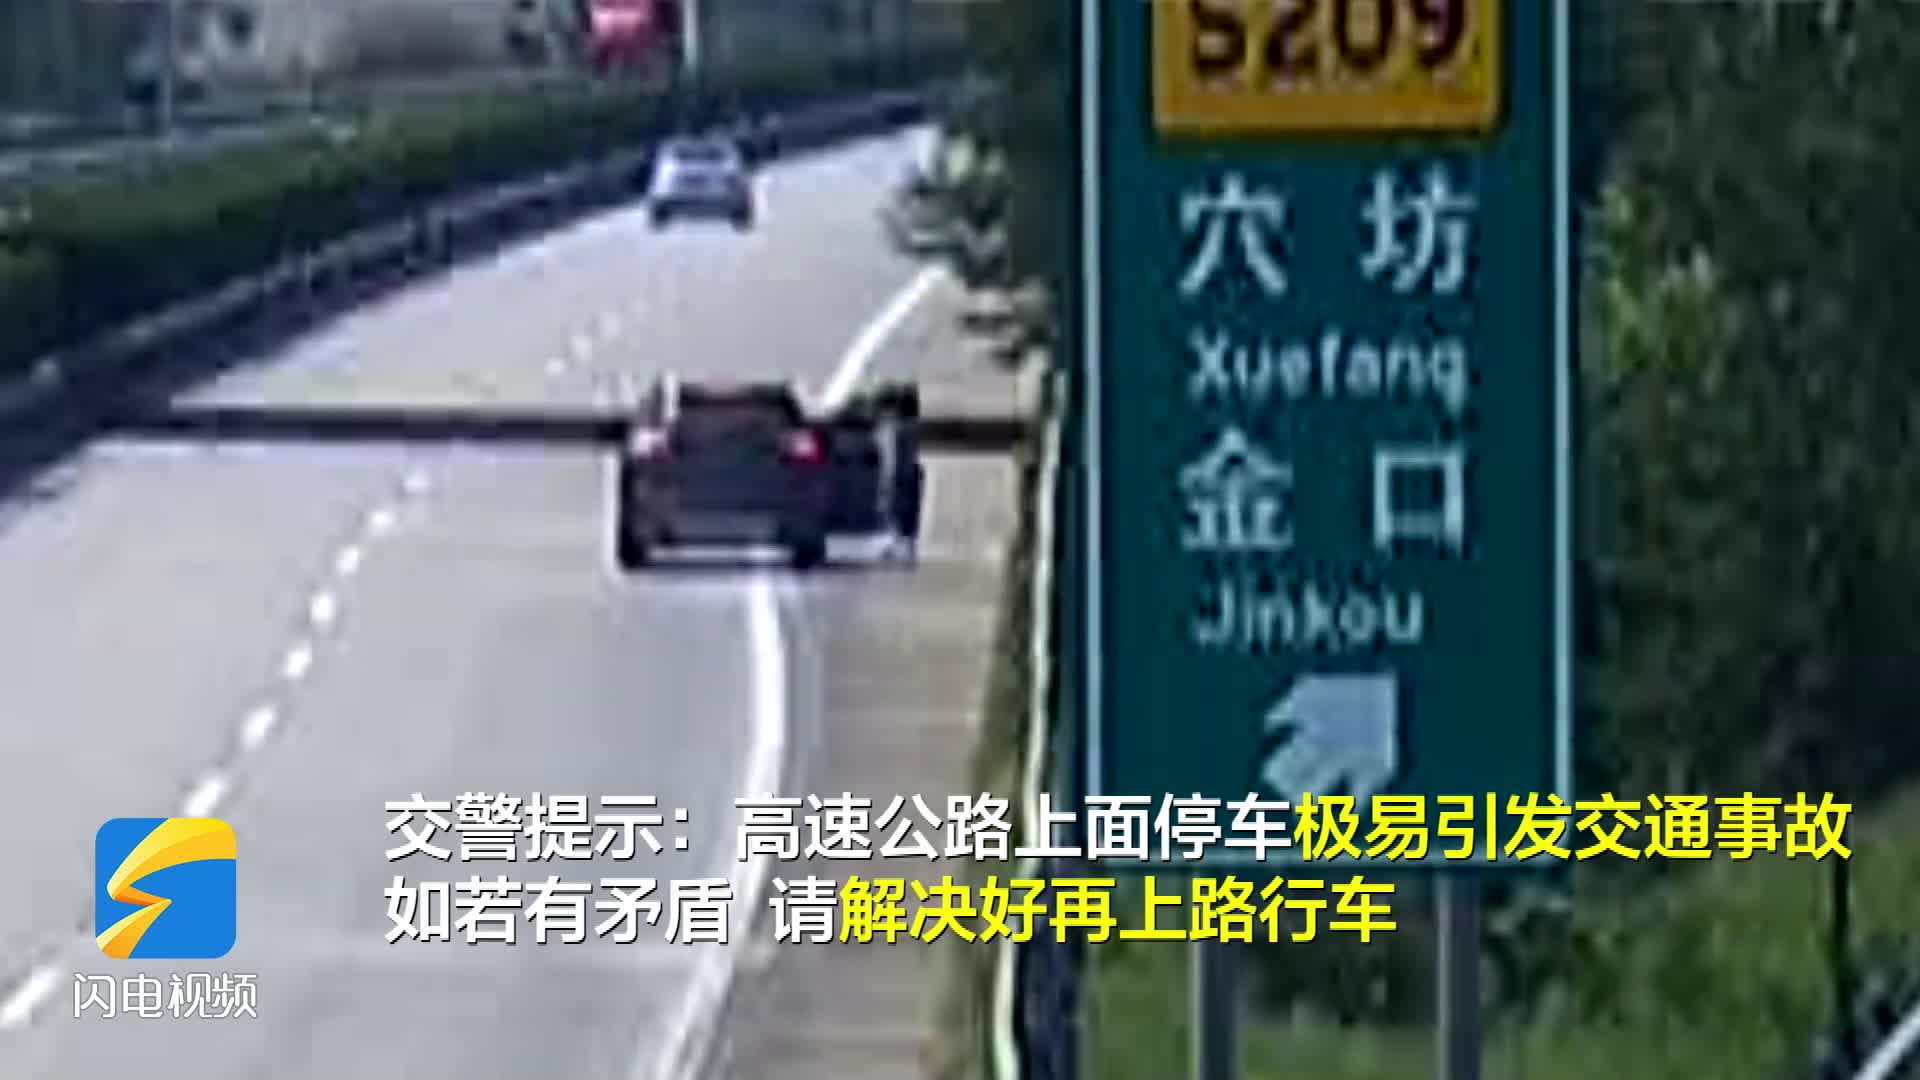 孕妇在高速应急车道溜达 竟因夫妻吵架丈夫开车而去